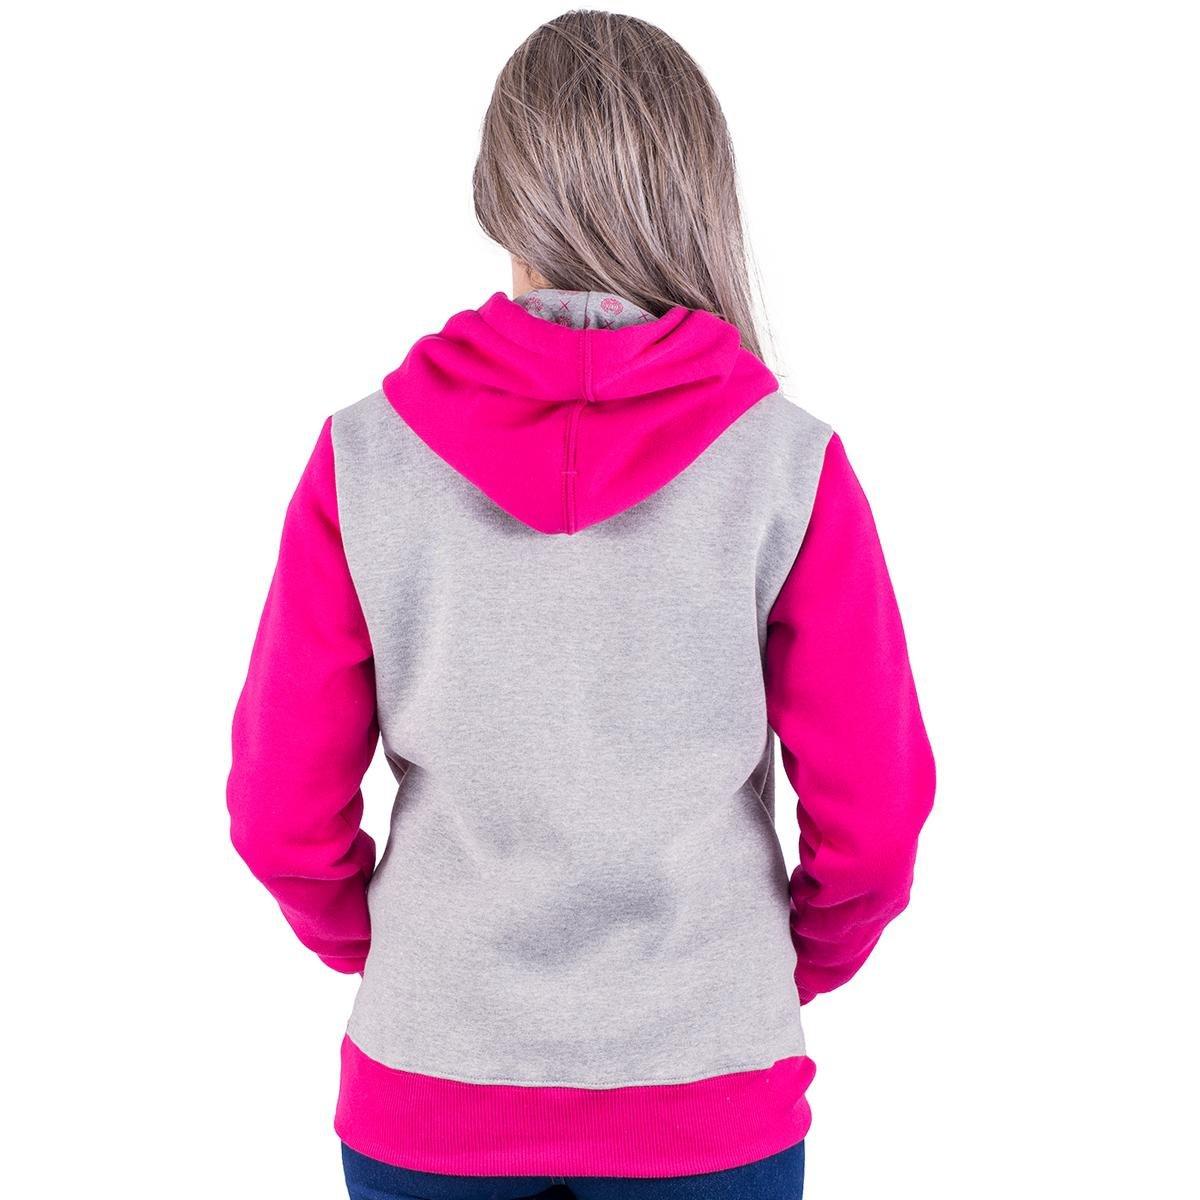 Moletom Canguru Alfa Candy Loves - Rosa - Compre Agora  32356e1543fa3